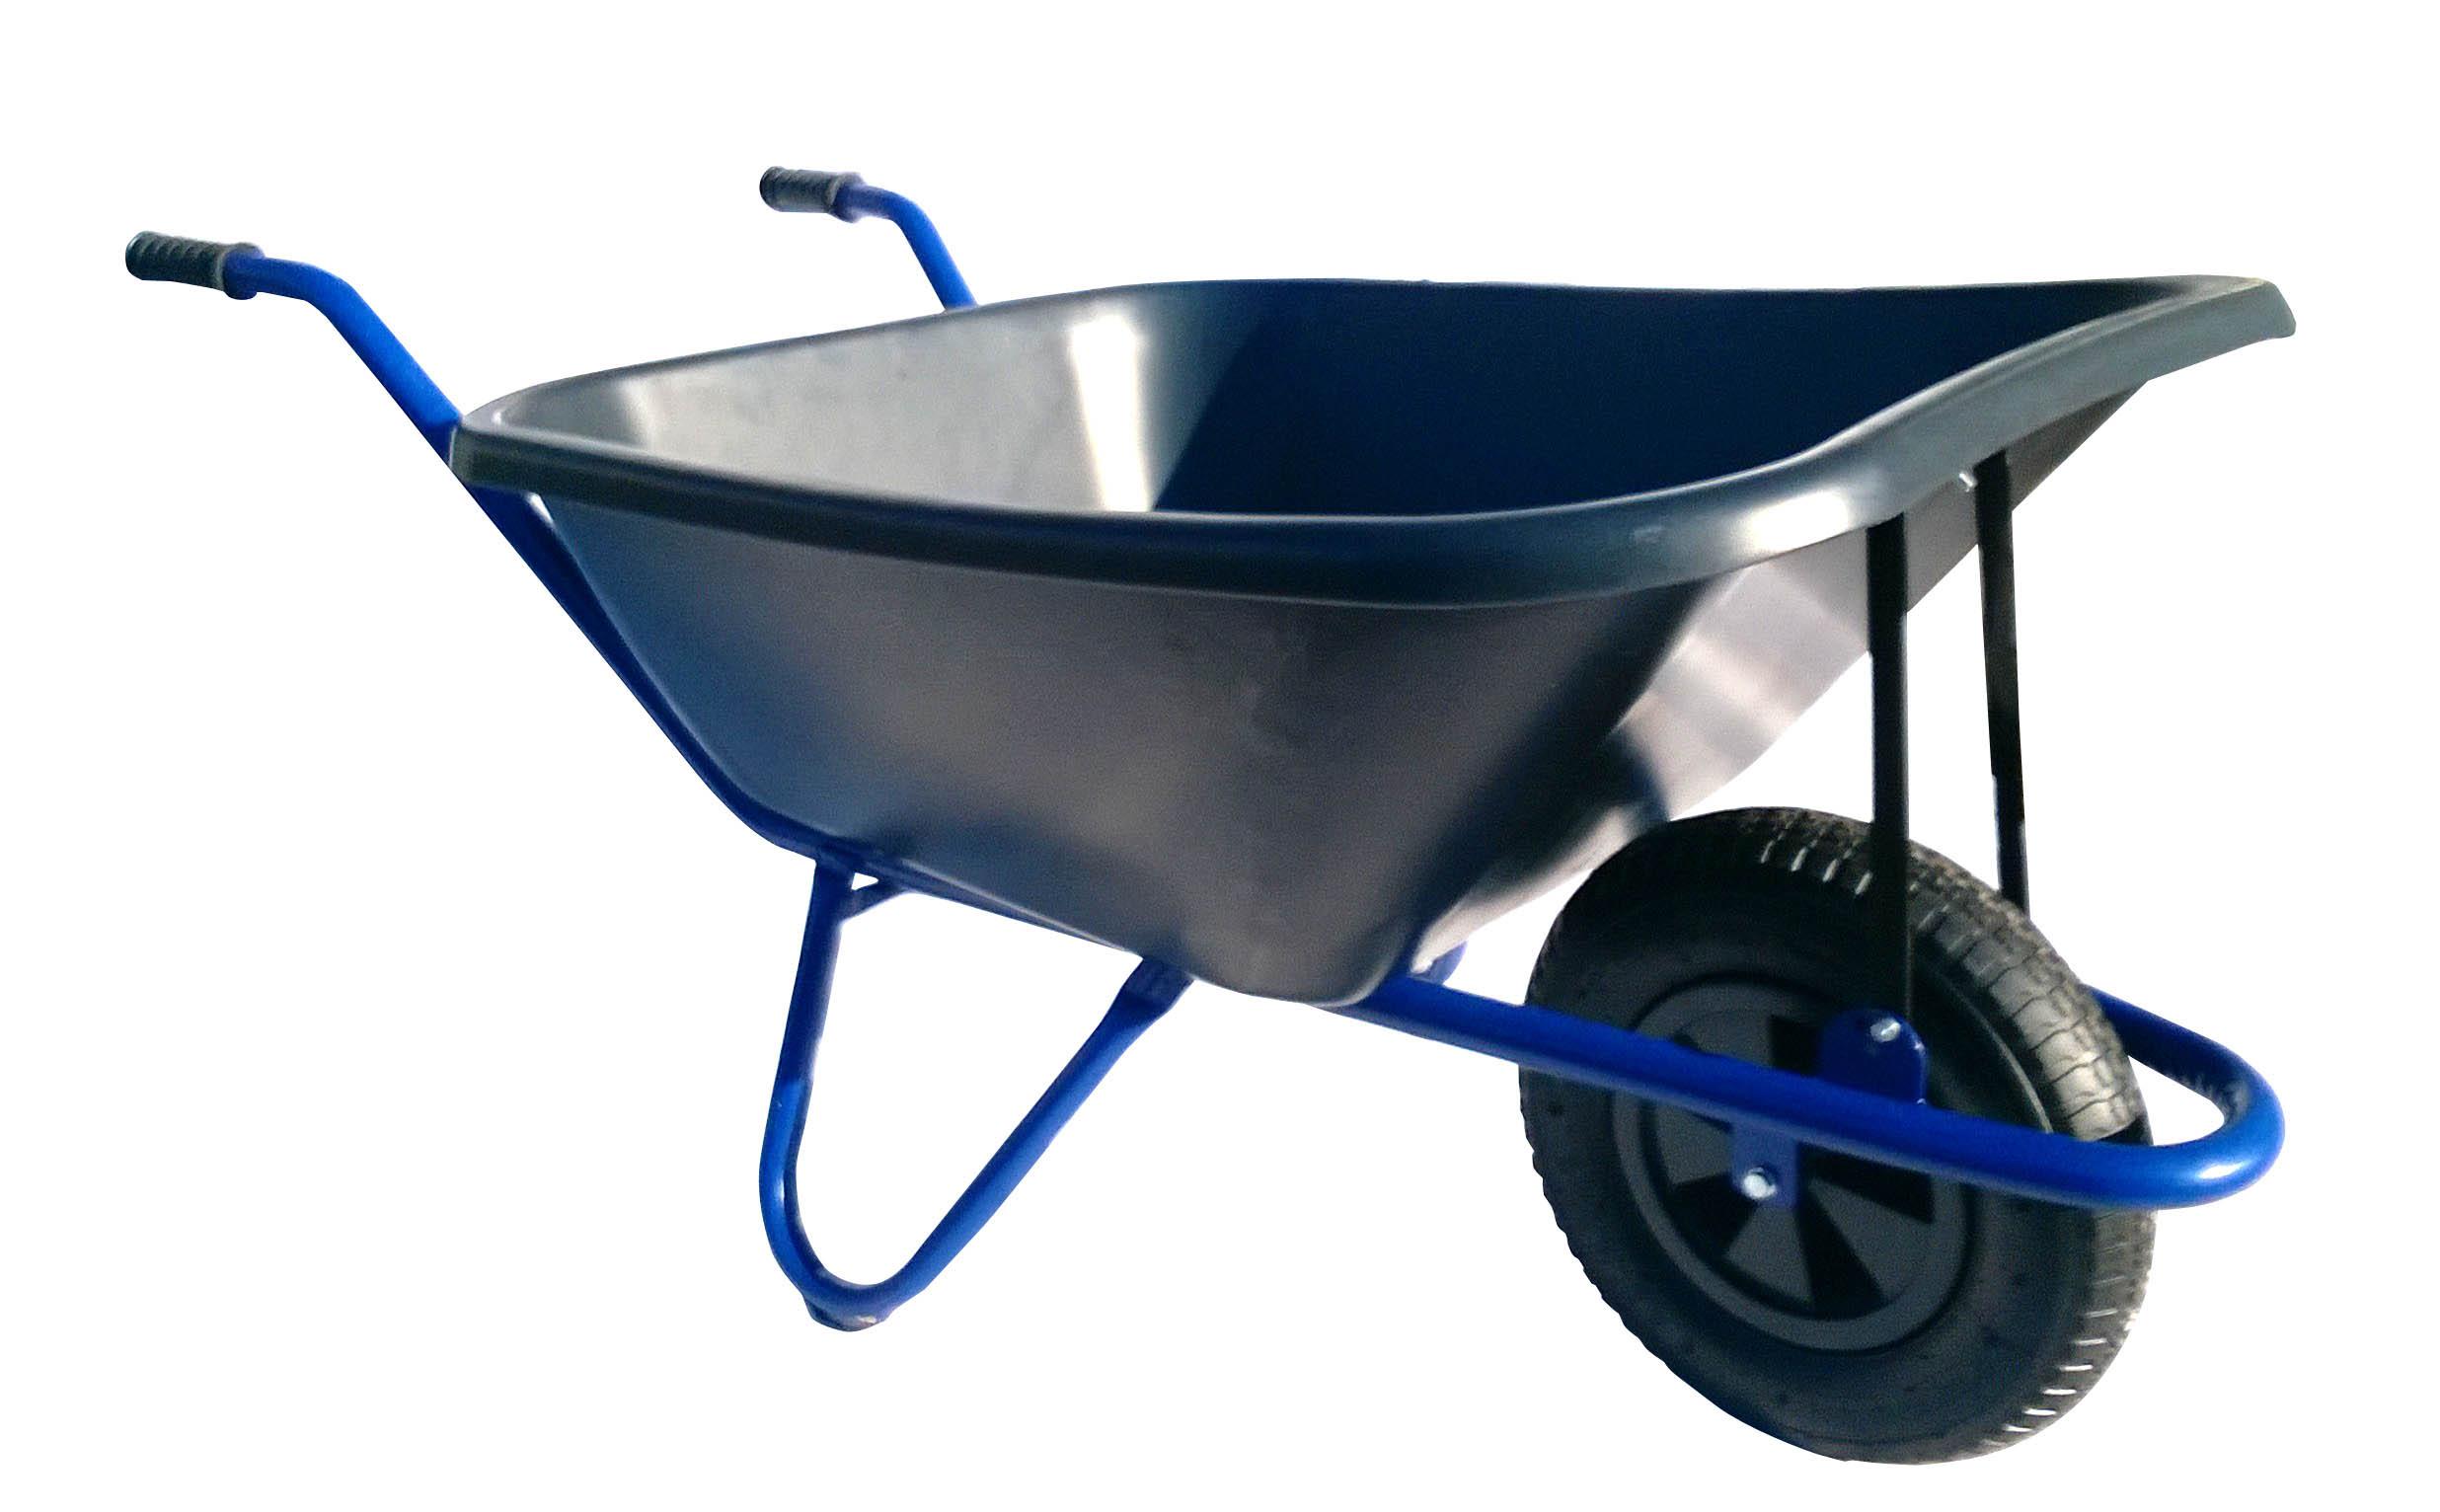 HTI Zahradní kolečko 120L EURO rám s nafukovací pneumatikou KZ09